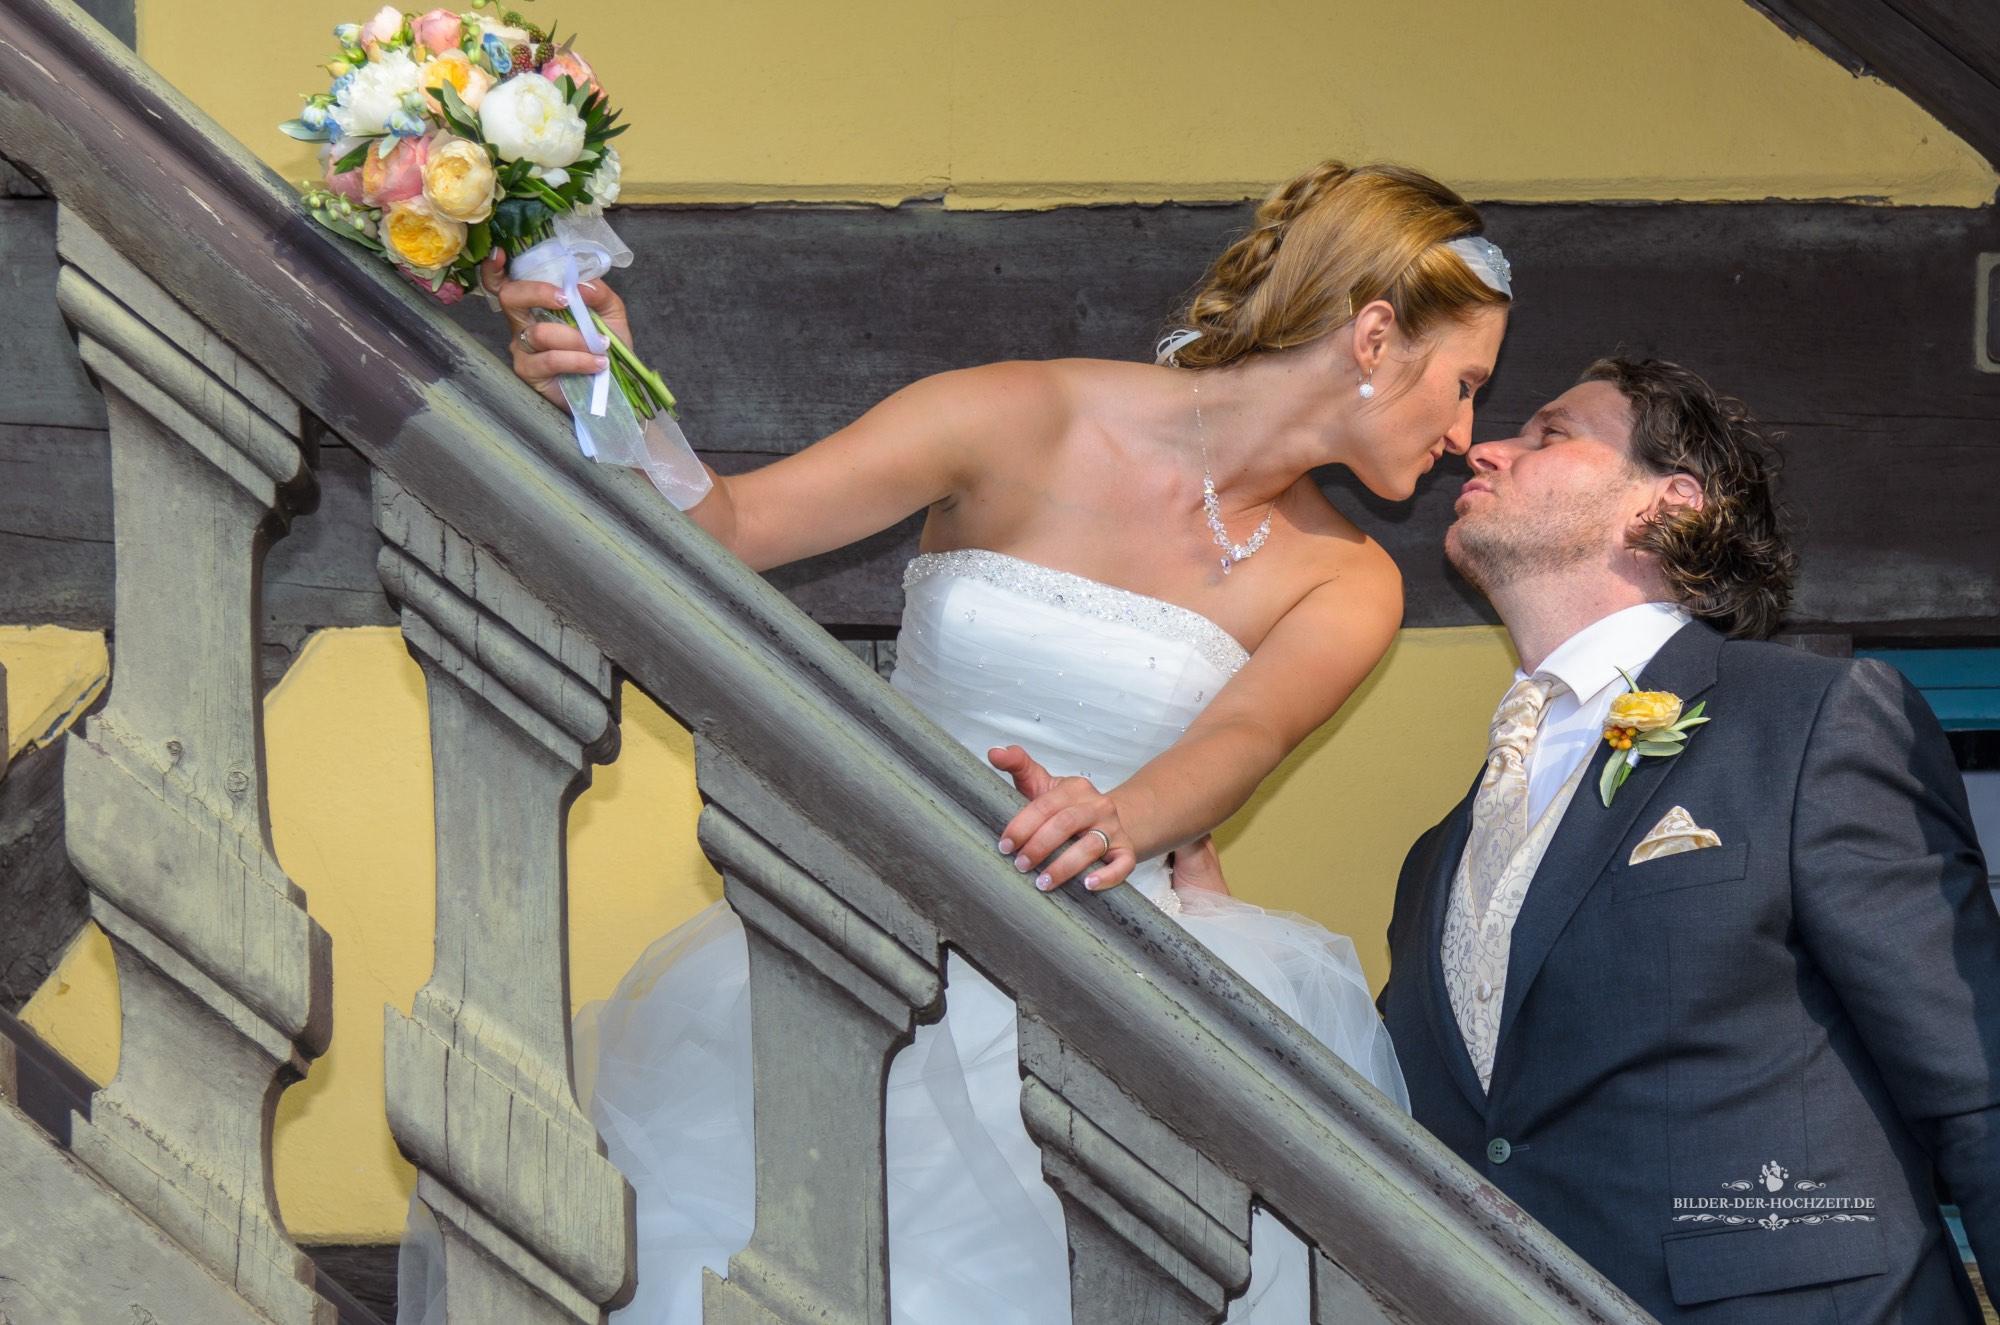 Kuss_auf_treppe.jpg